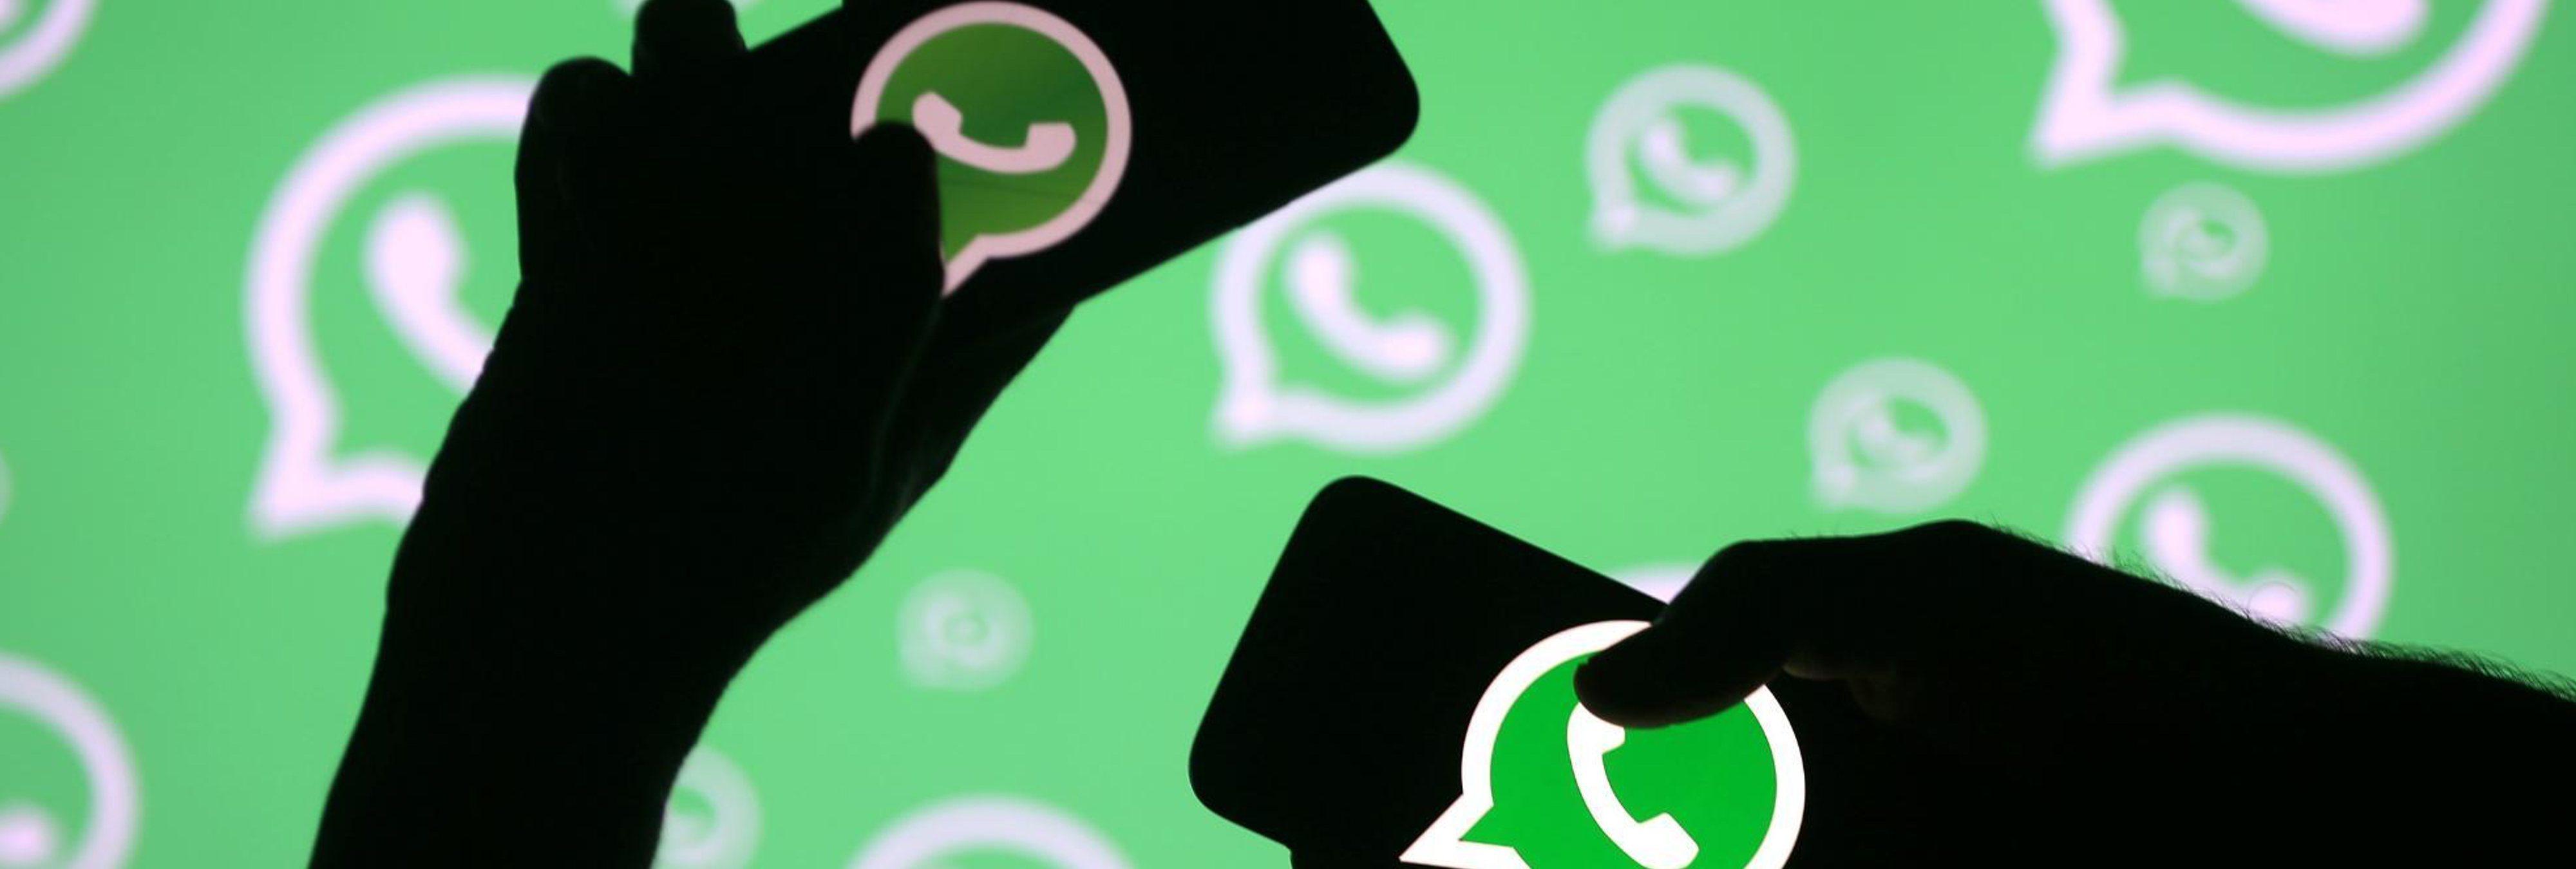 La Policía Nacional avisa: si recibes este mensaje de WhatsApp, elimínalo inmediatamente